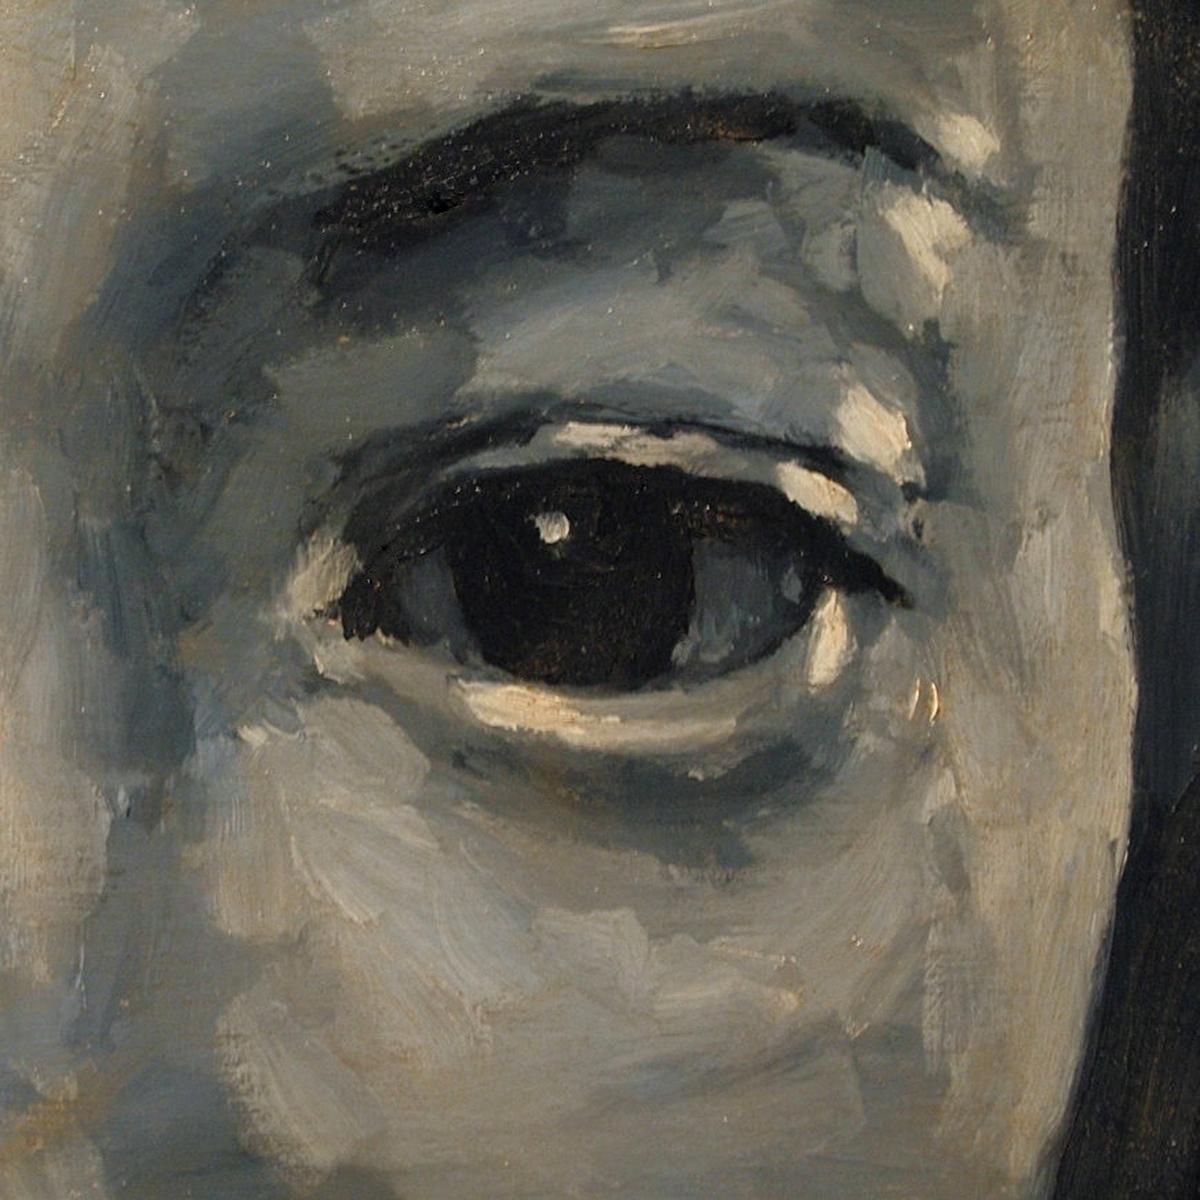 EyeStudy.jpg